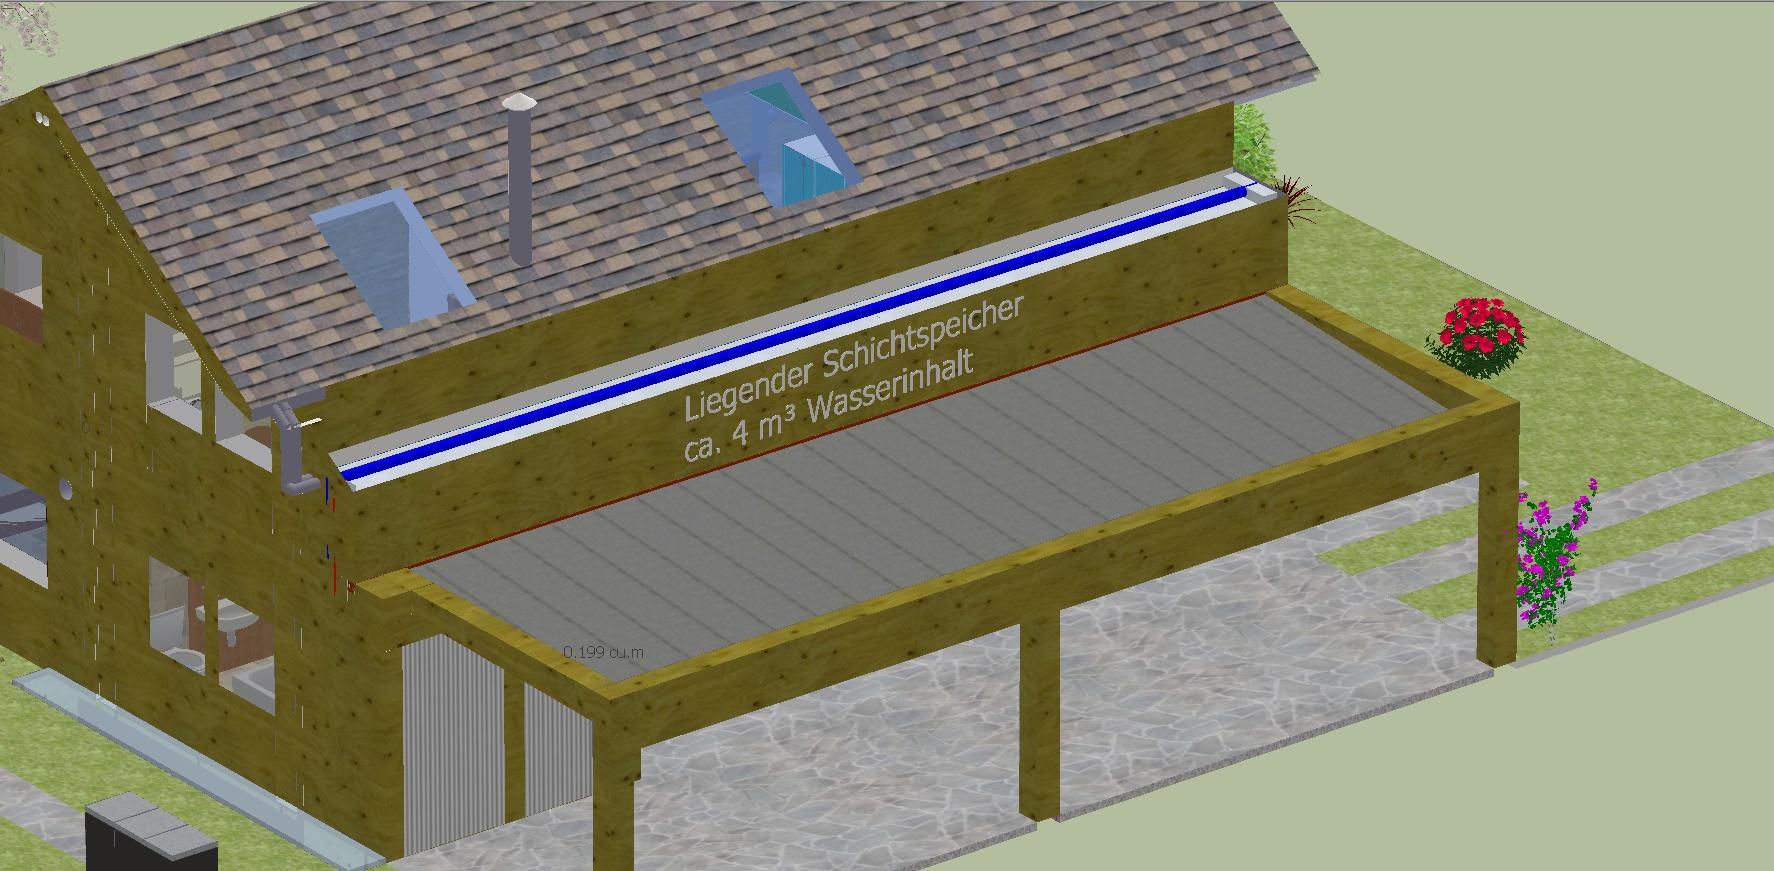 Liegender Schichtspeicher, 4 m³ Wasserinhalt